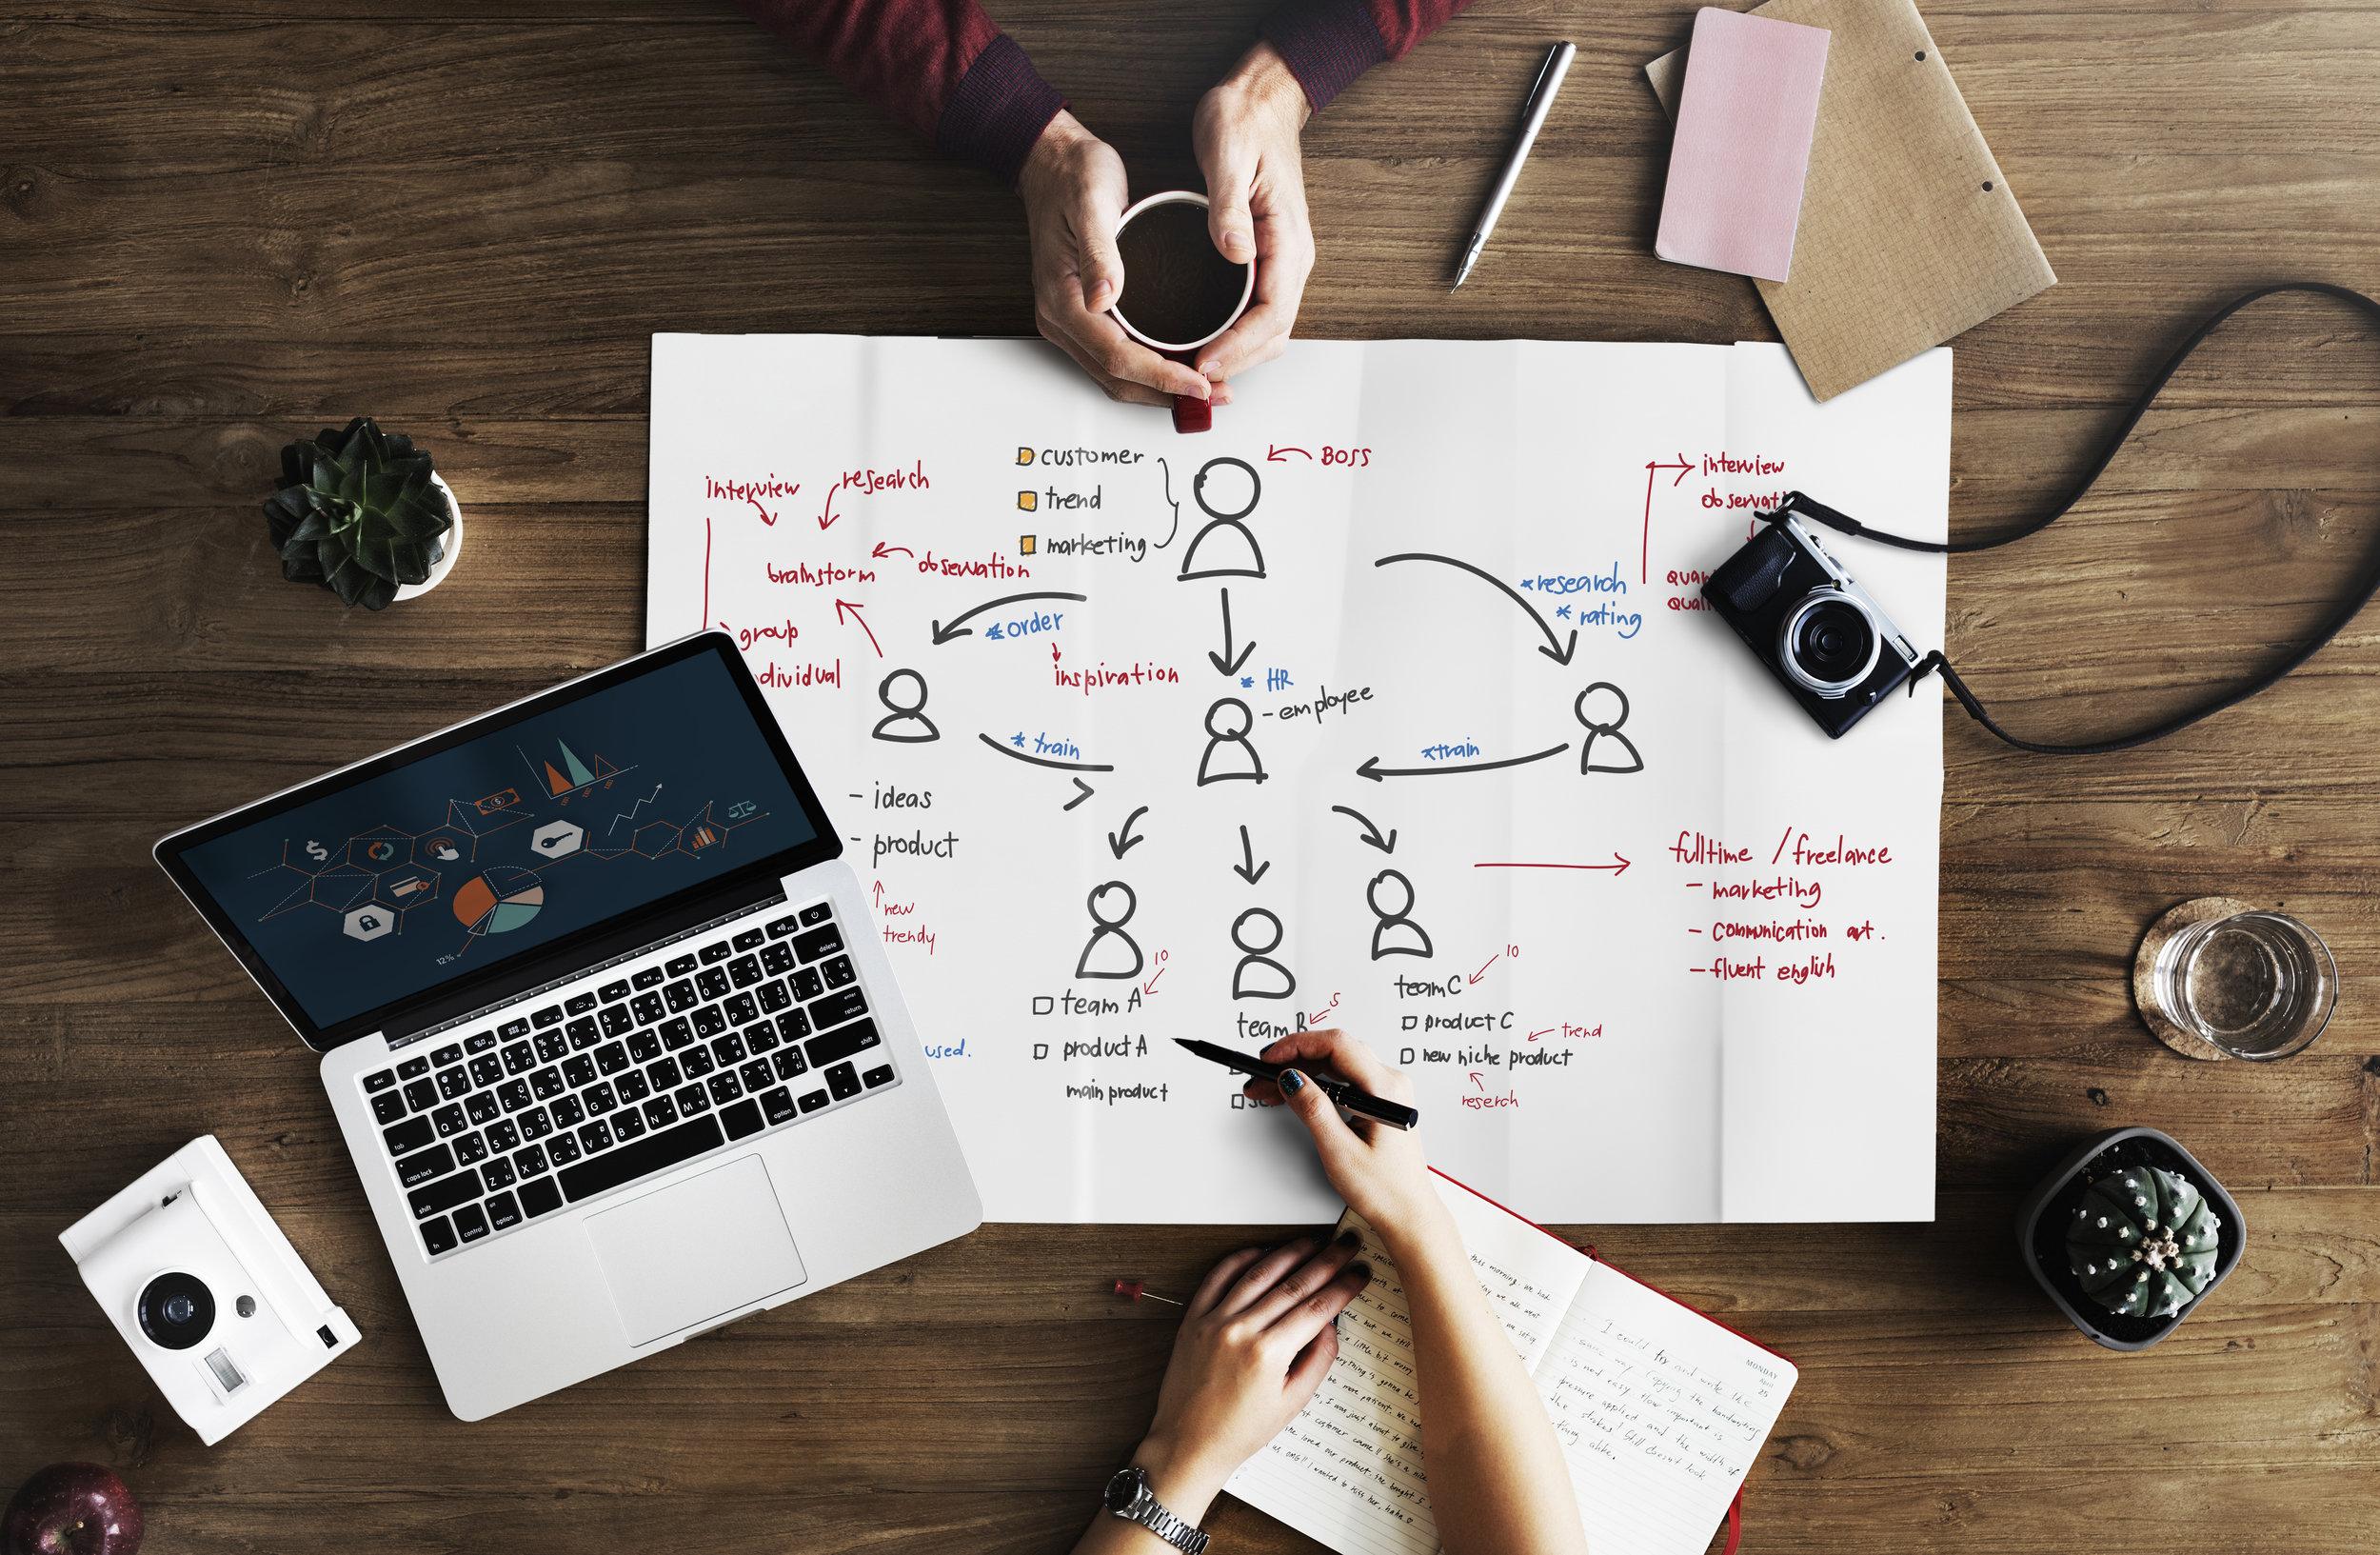 智能交易量化投資技術 - 專注於 Portfolio 多策略投資,同時讓多種交易邏輯去適應市況並彼此分擔風險,穩健獲利!